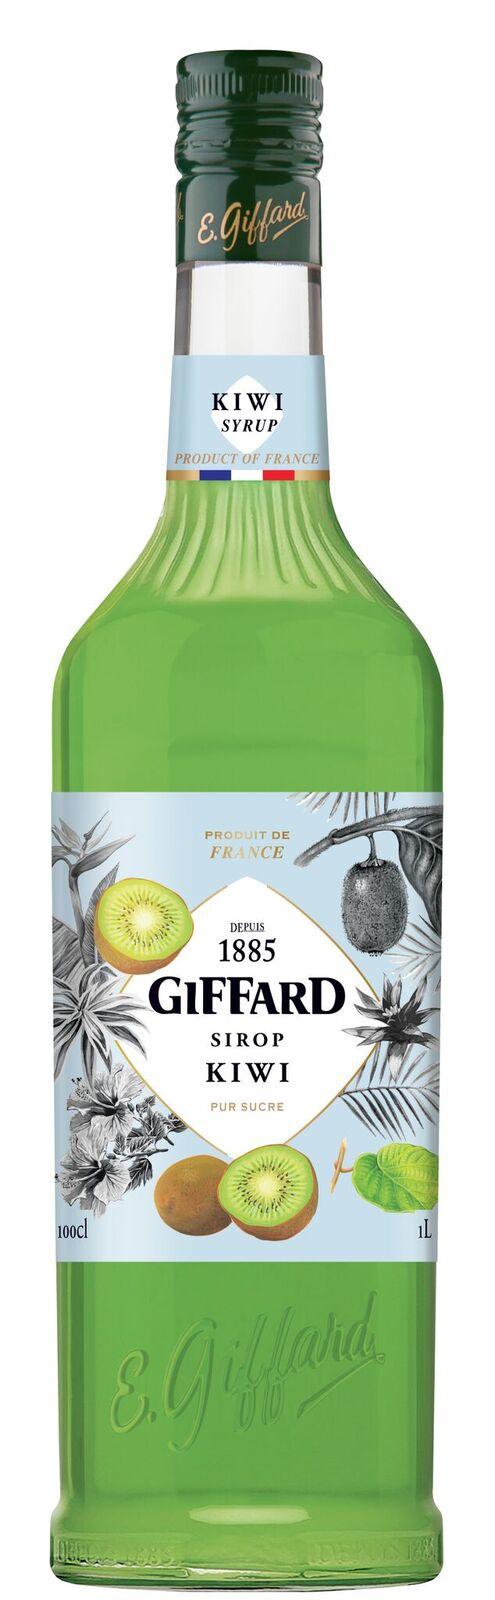 Giffard (sirupy, likéry) Giffard Kiwi sirup 1l